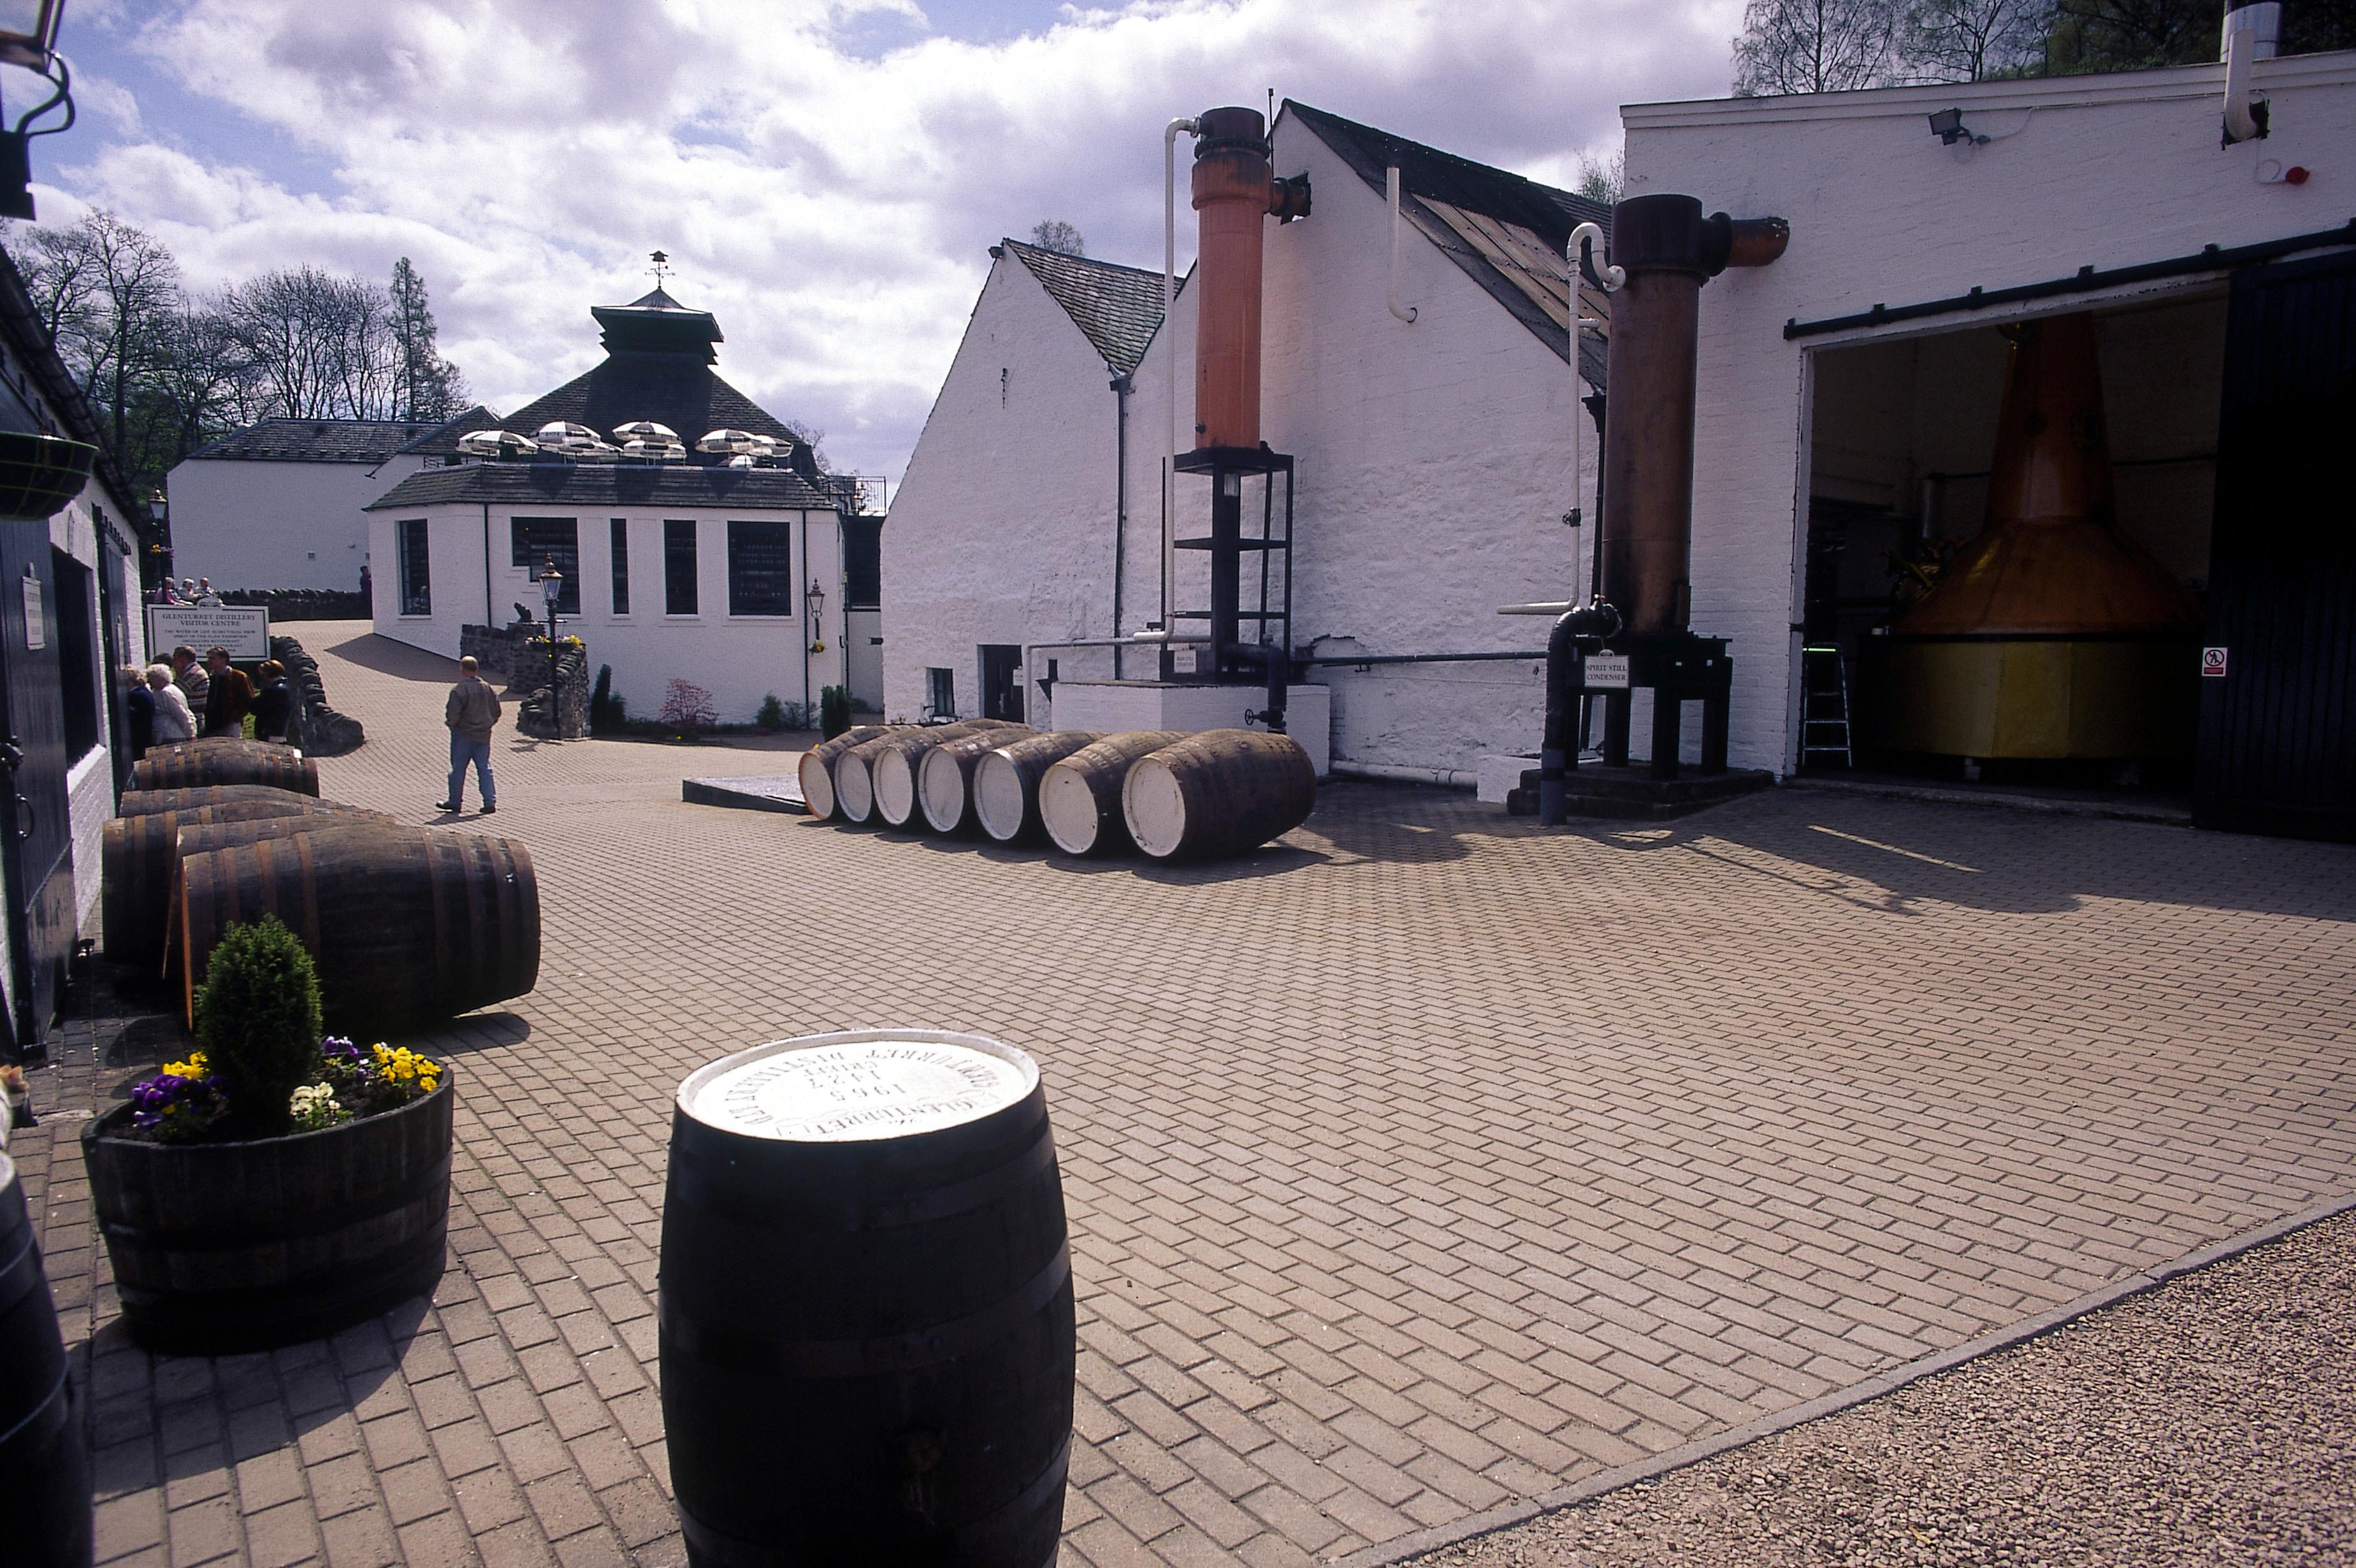 Edradour distilleerderij in Pitlochry